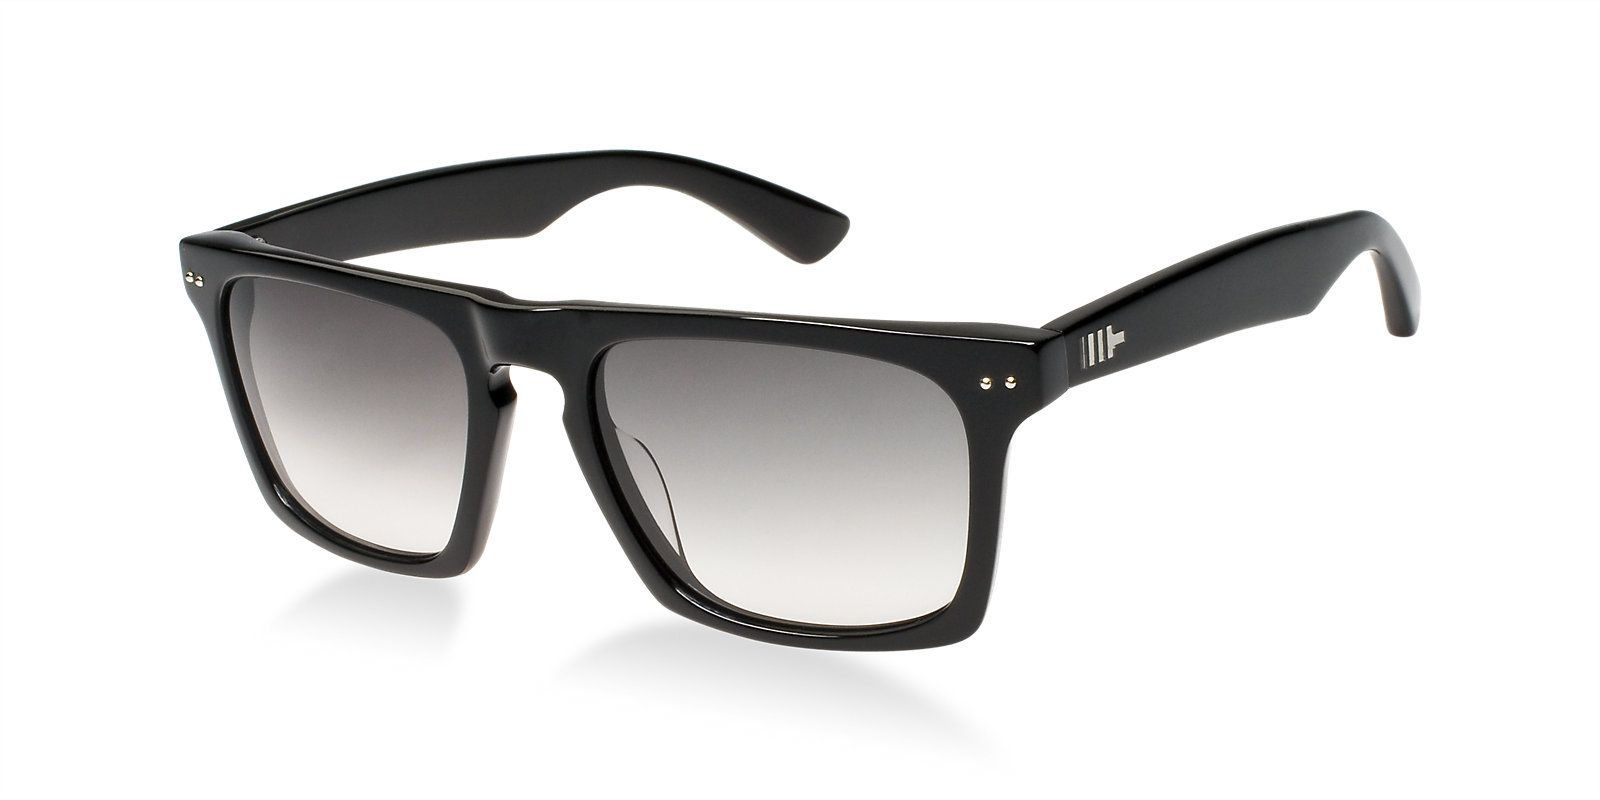 1ef44ddc38f Mosley Tribes MT6013S LYNDEL Polarized Sunglasses